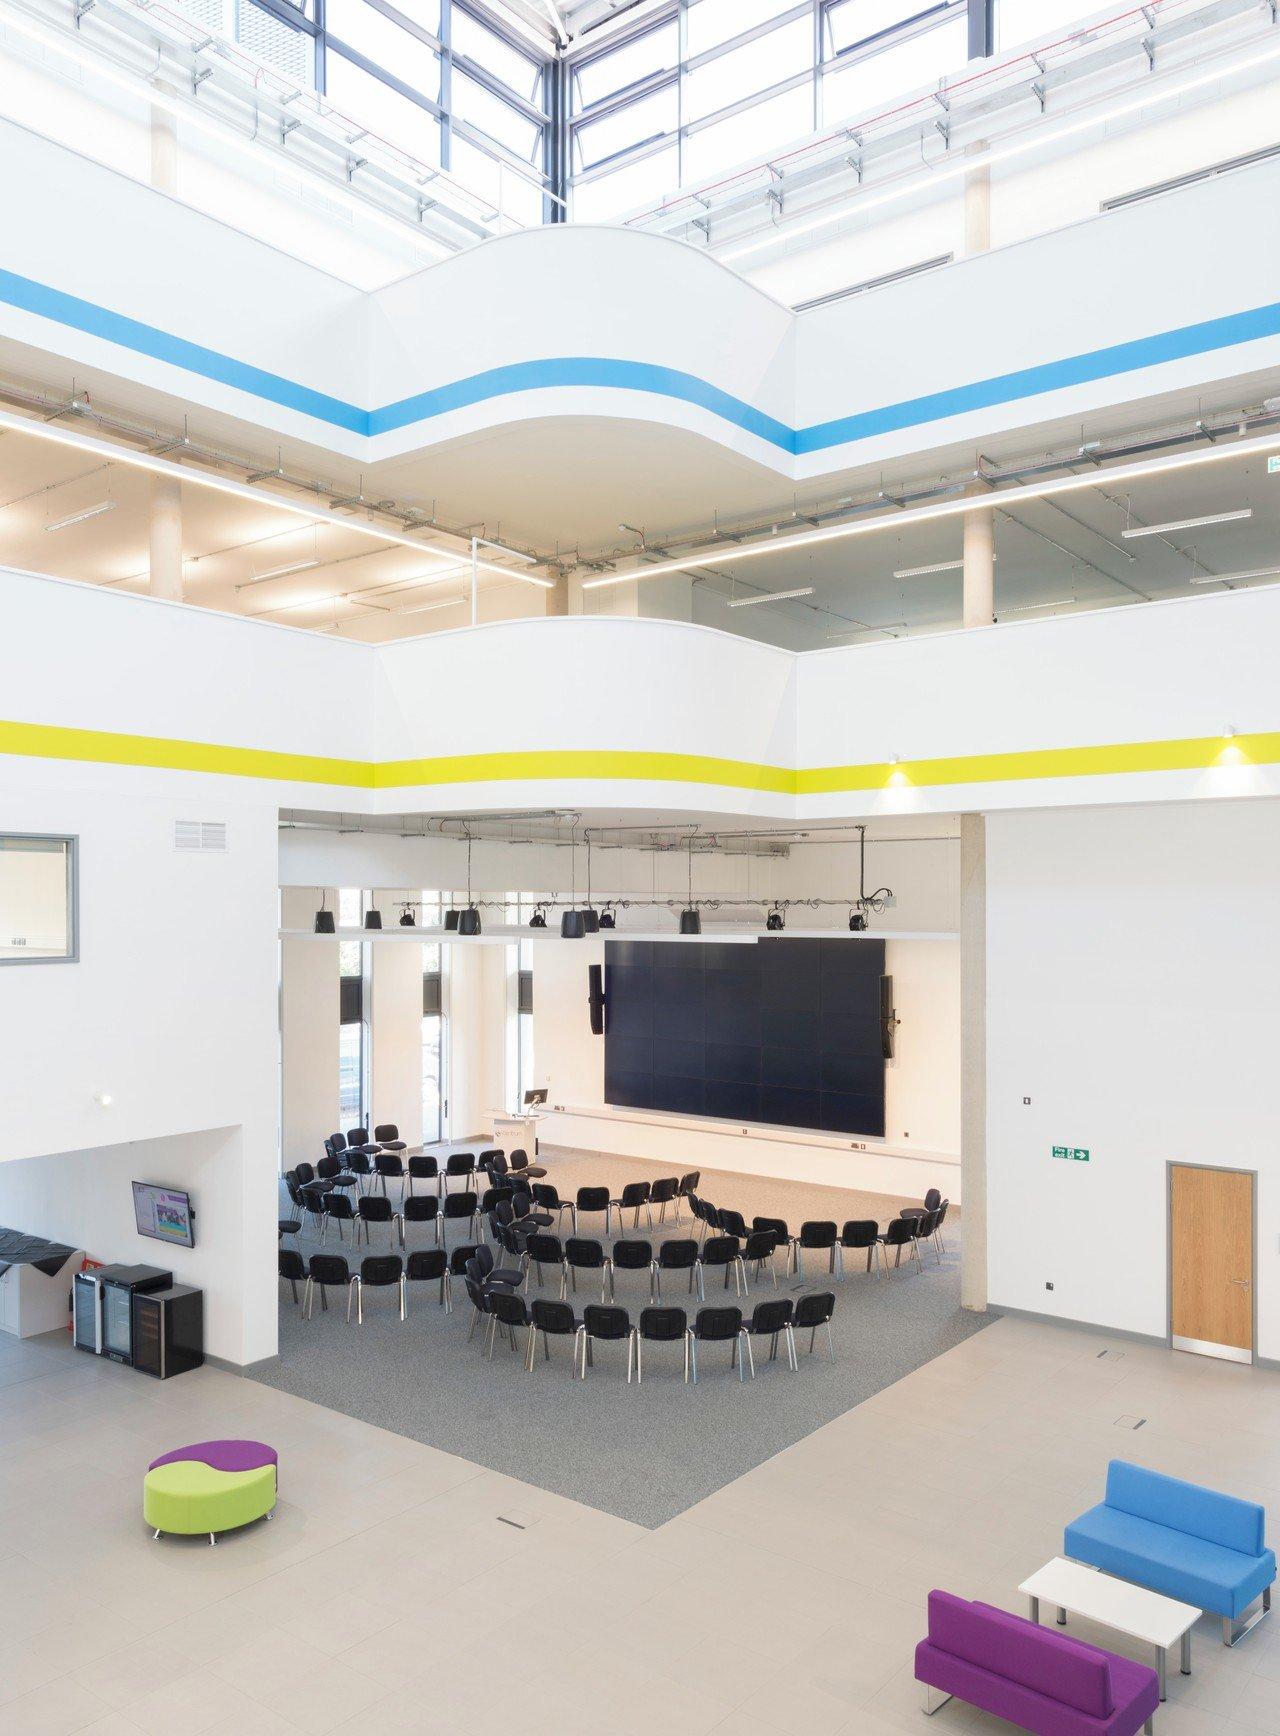 Birmingham workshop spaces Meetingraum iCentrum - Auditorium & Atrium image 0